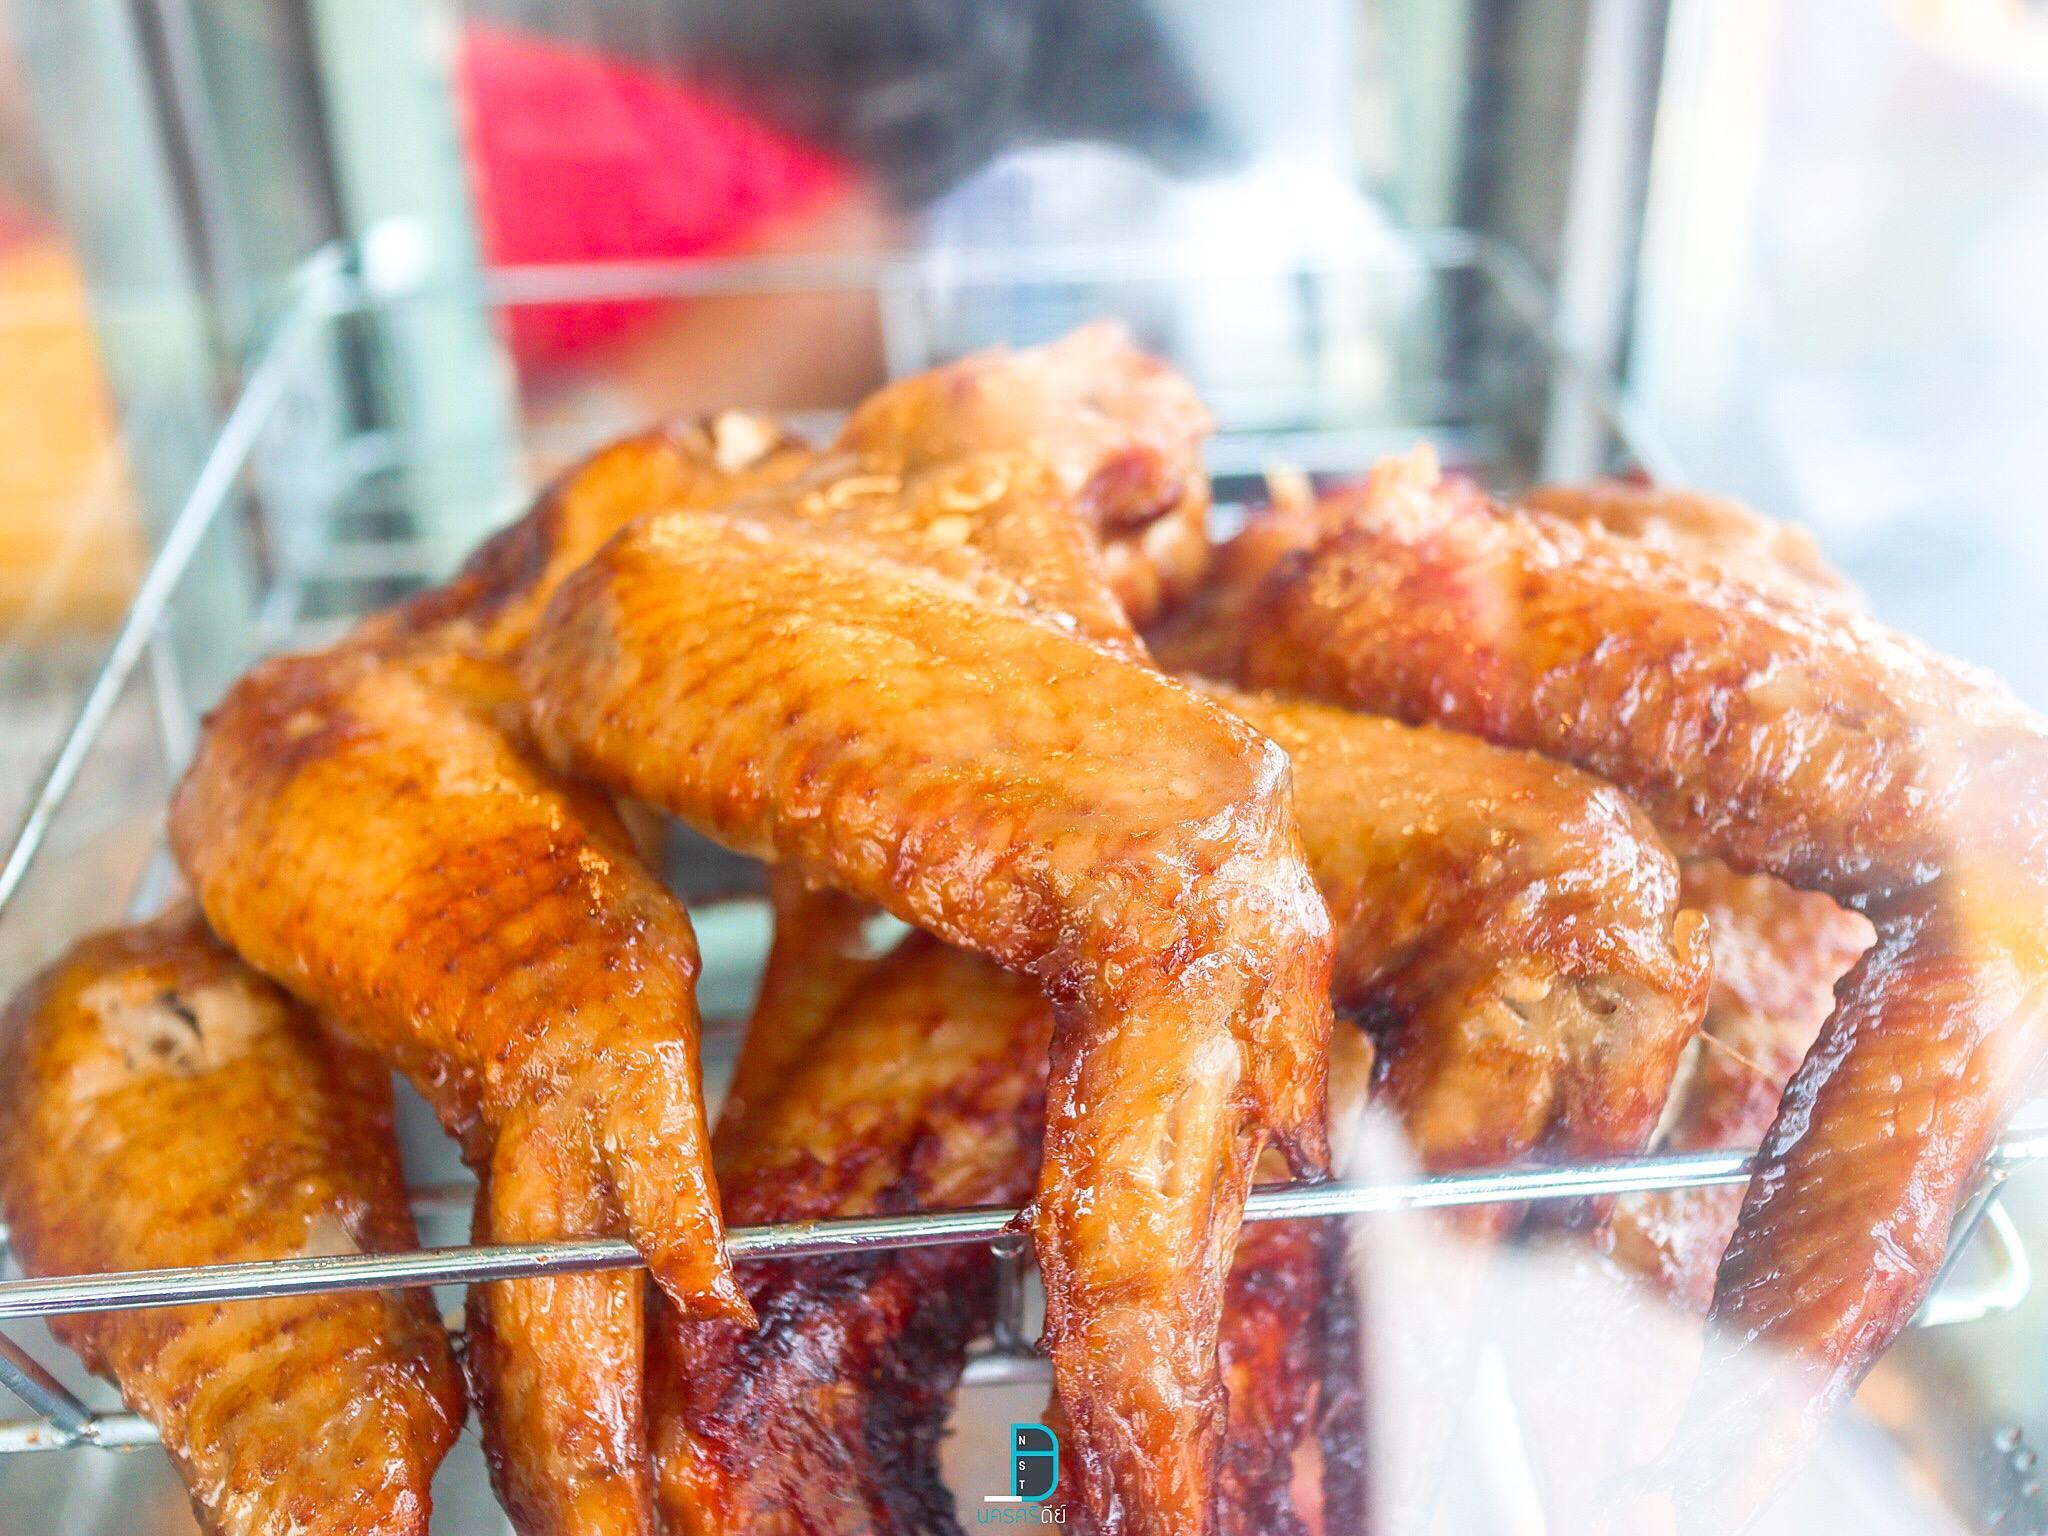 ปีกไก่ย่างสิงคโปร์ นครศรีธรรมราช สุดยอดไก่ย่างชิ้นใหญ่ๆรสเด็ด 25 บาทเท่านั้น นครศรีดีย์